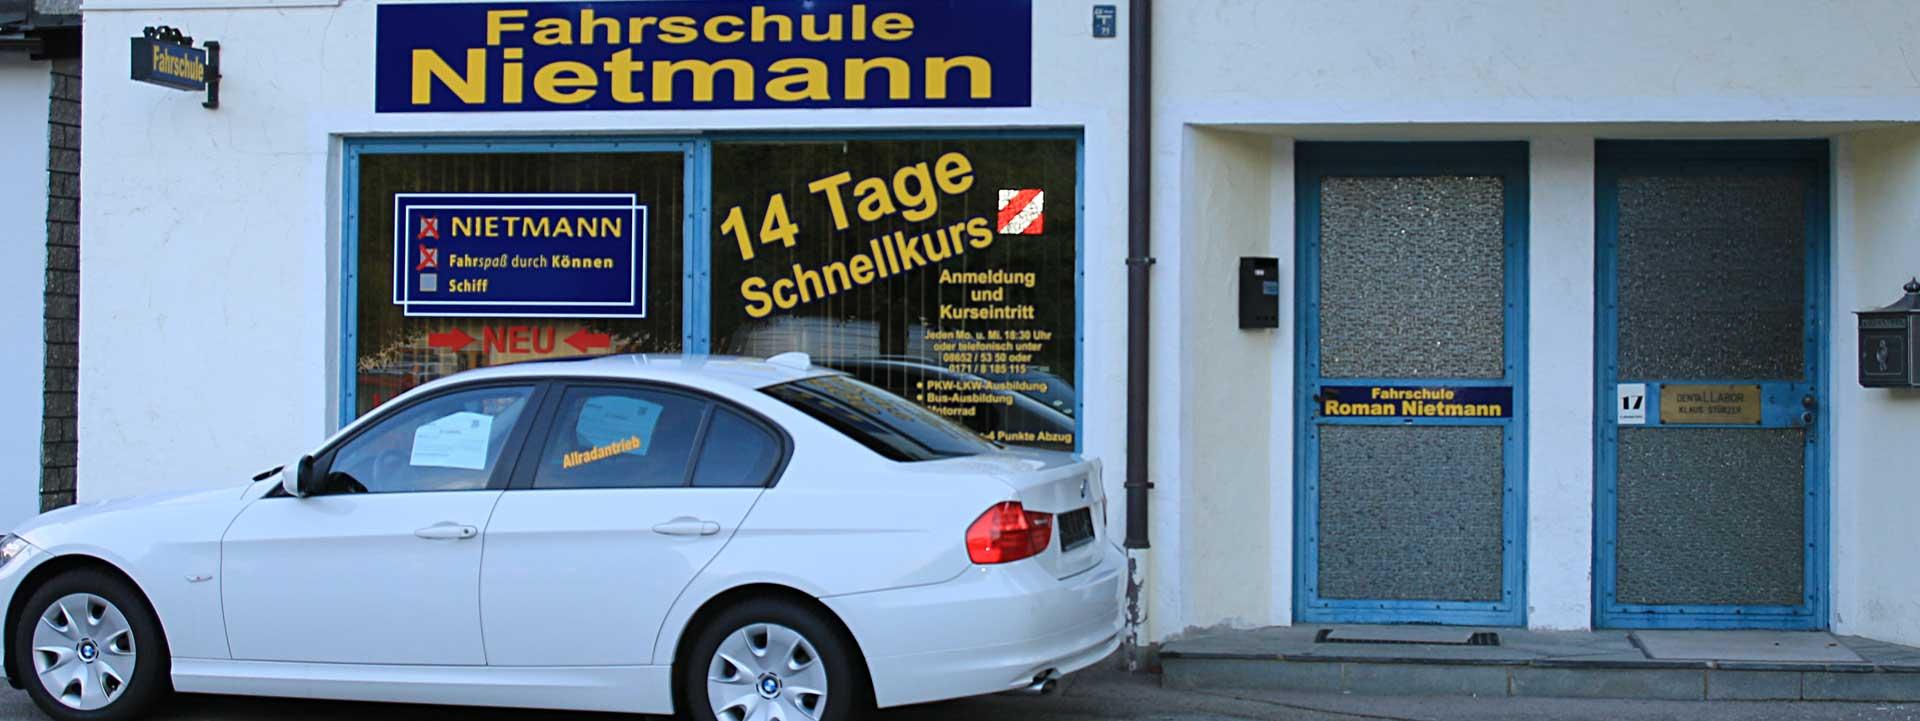 Standort der Fahrschule in Berchtesgaden